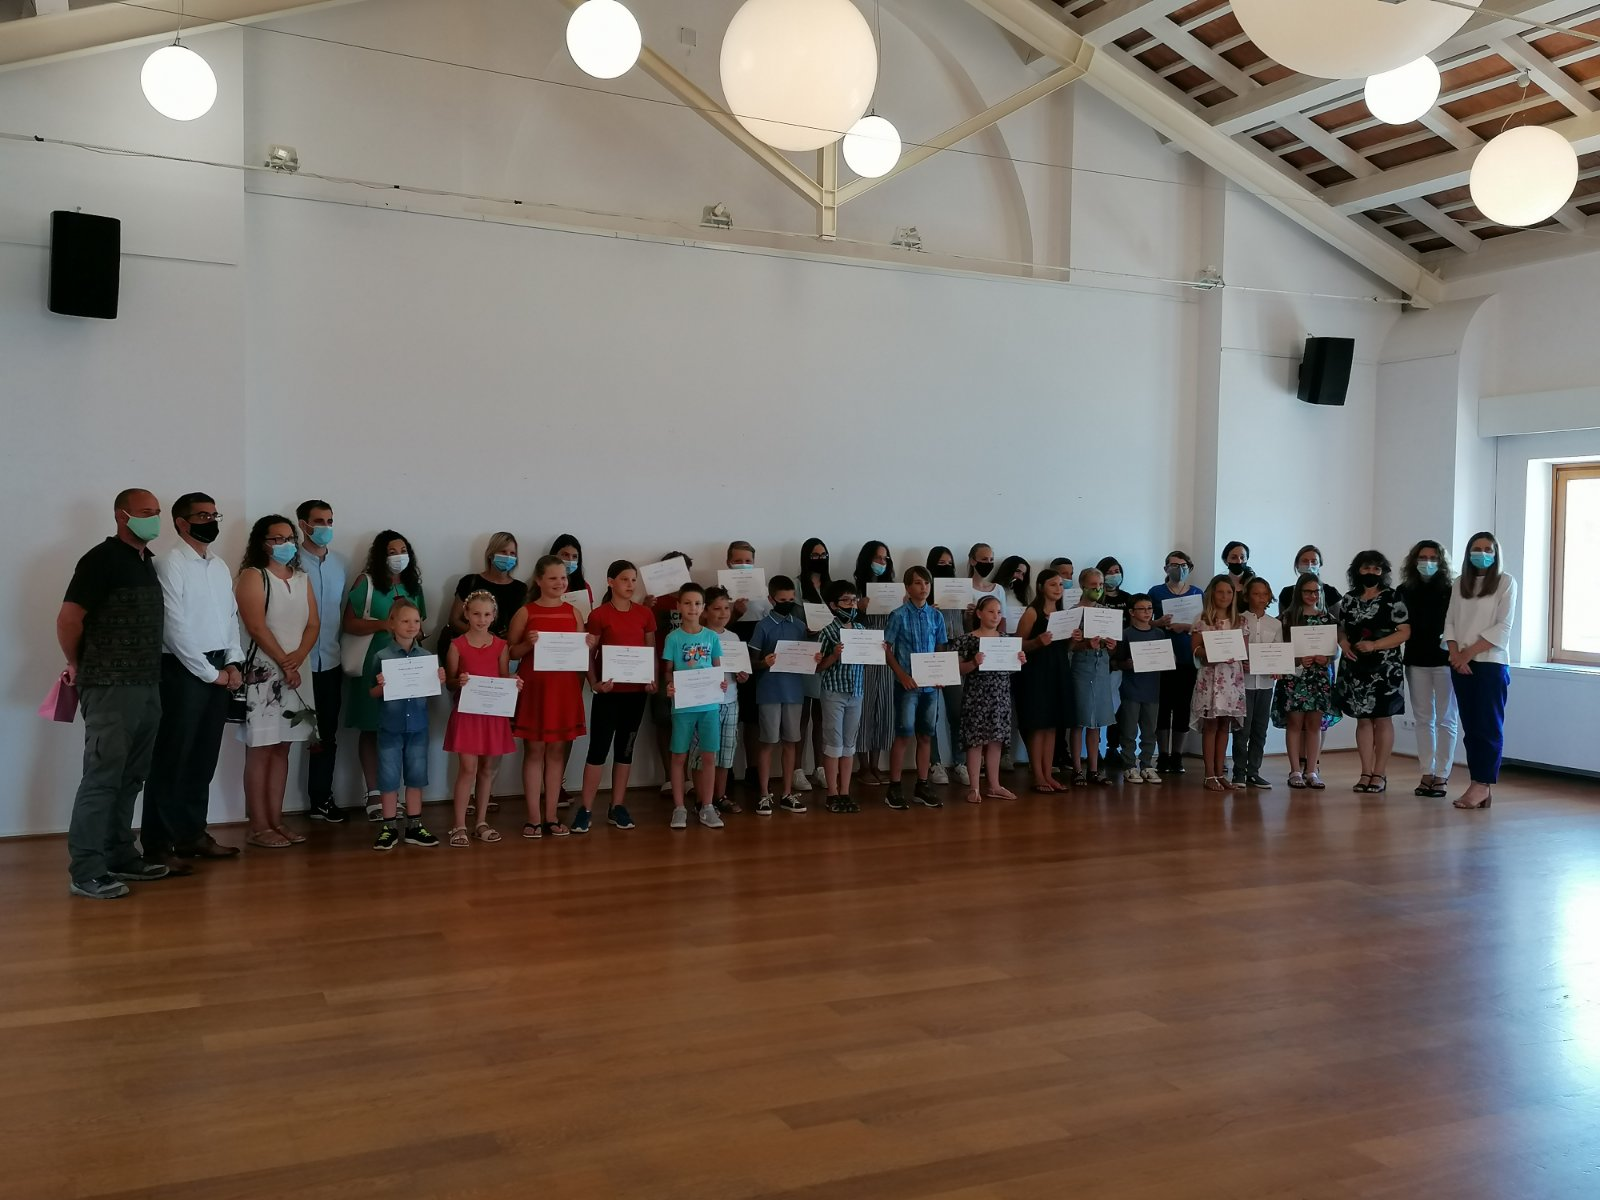 Si è tenuto il ricevimento dei vincitori dei concorsi regionali e statali delle scuole elementari di Rovigno